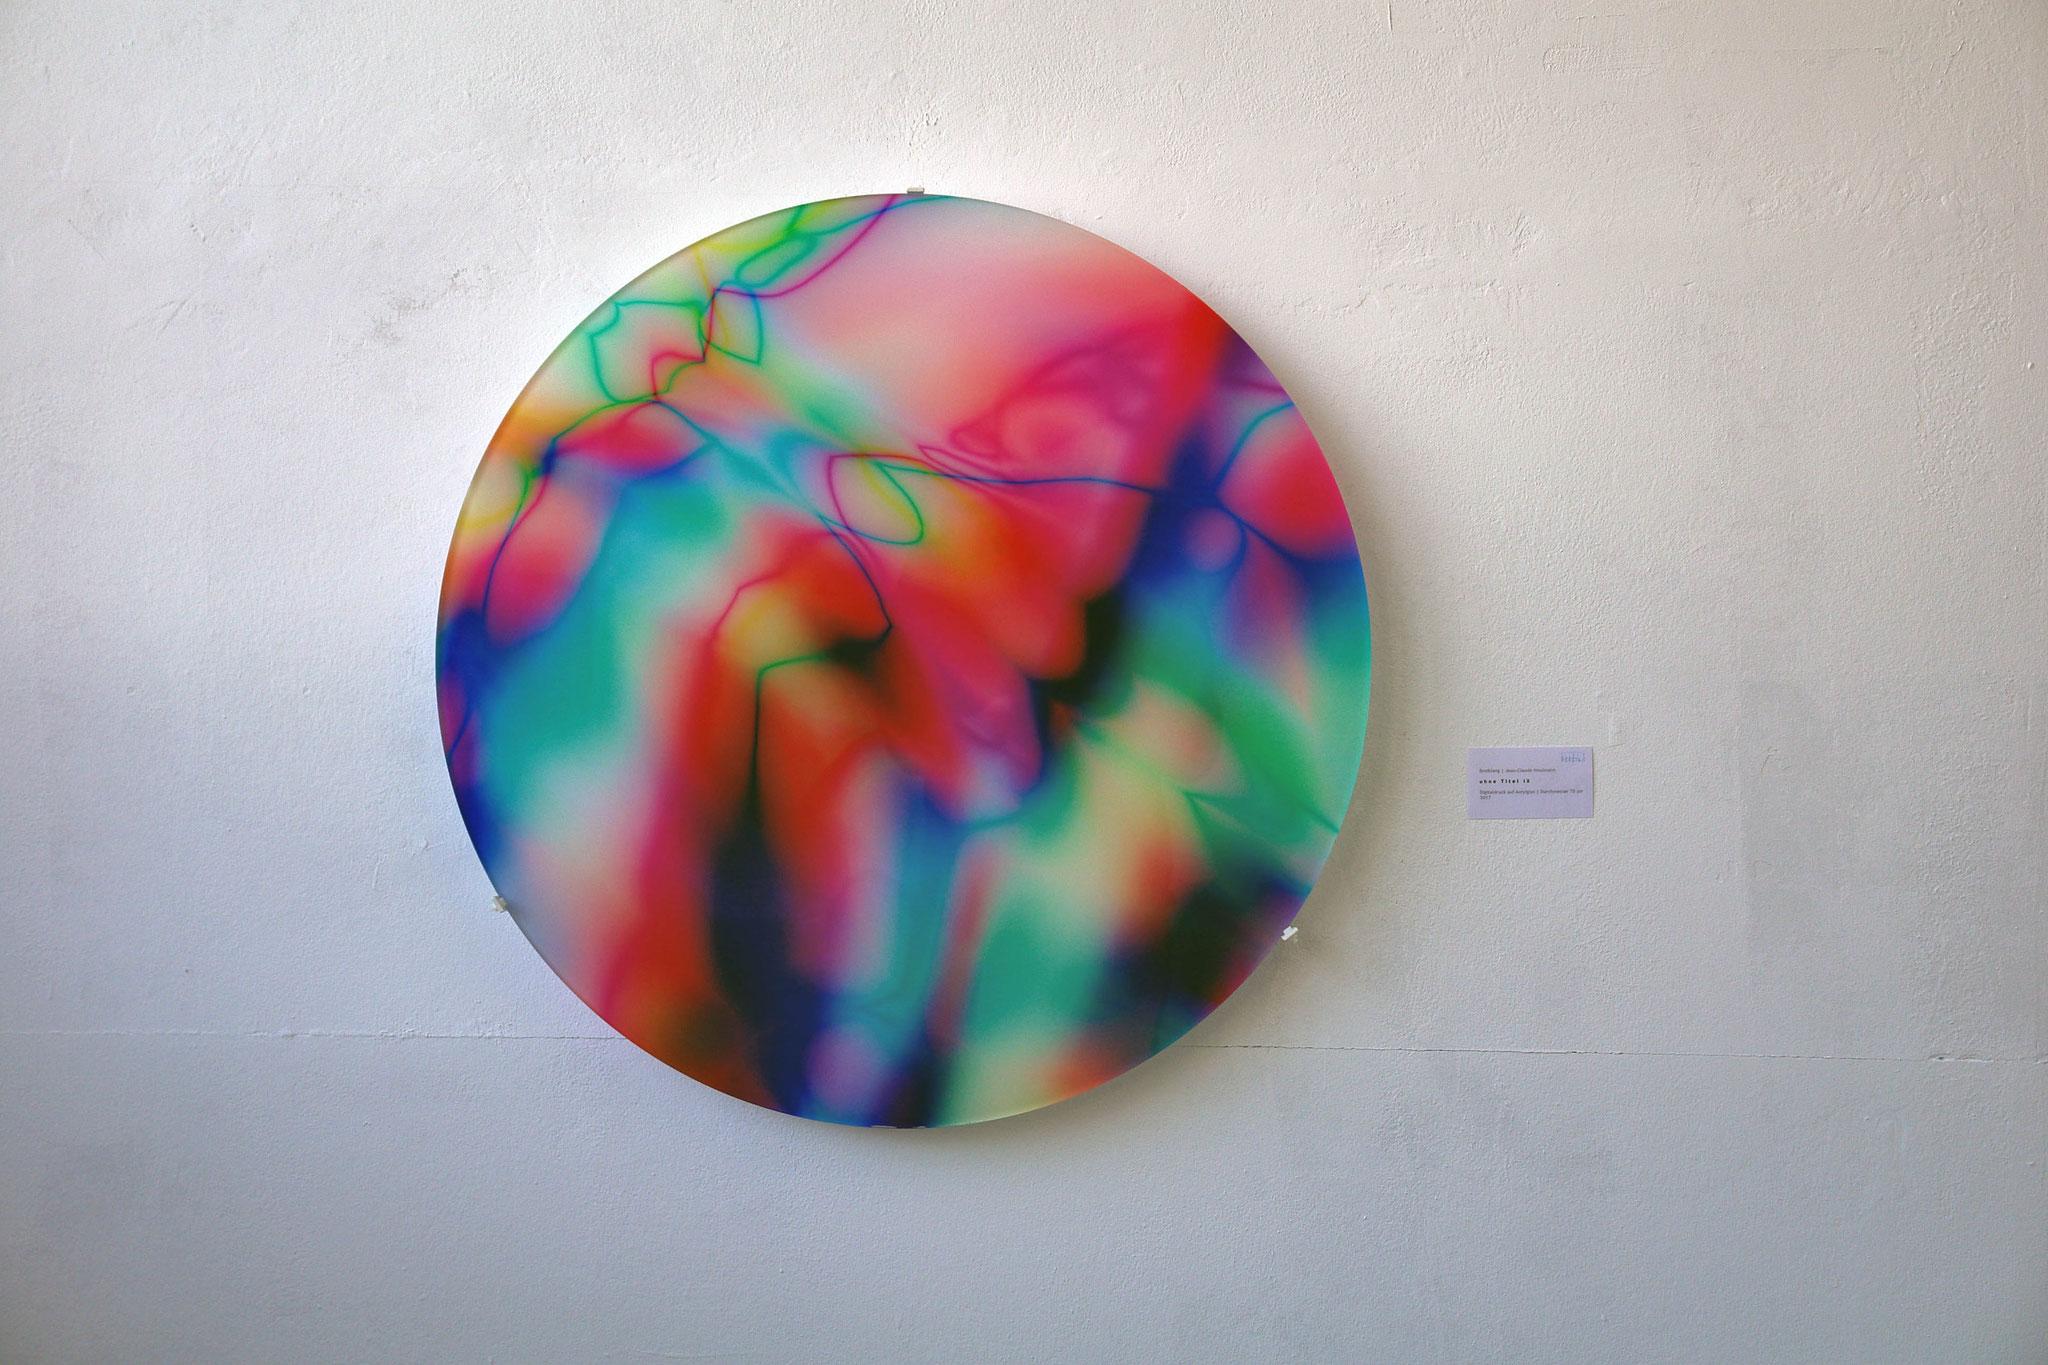 Digitaldruck auf Acrylglas, Durchmesser 70cm, 2017, Jean-Claude Houlmann